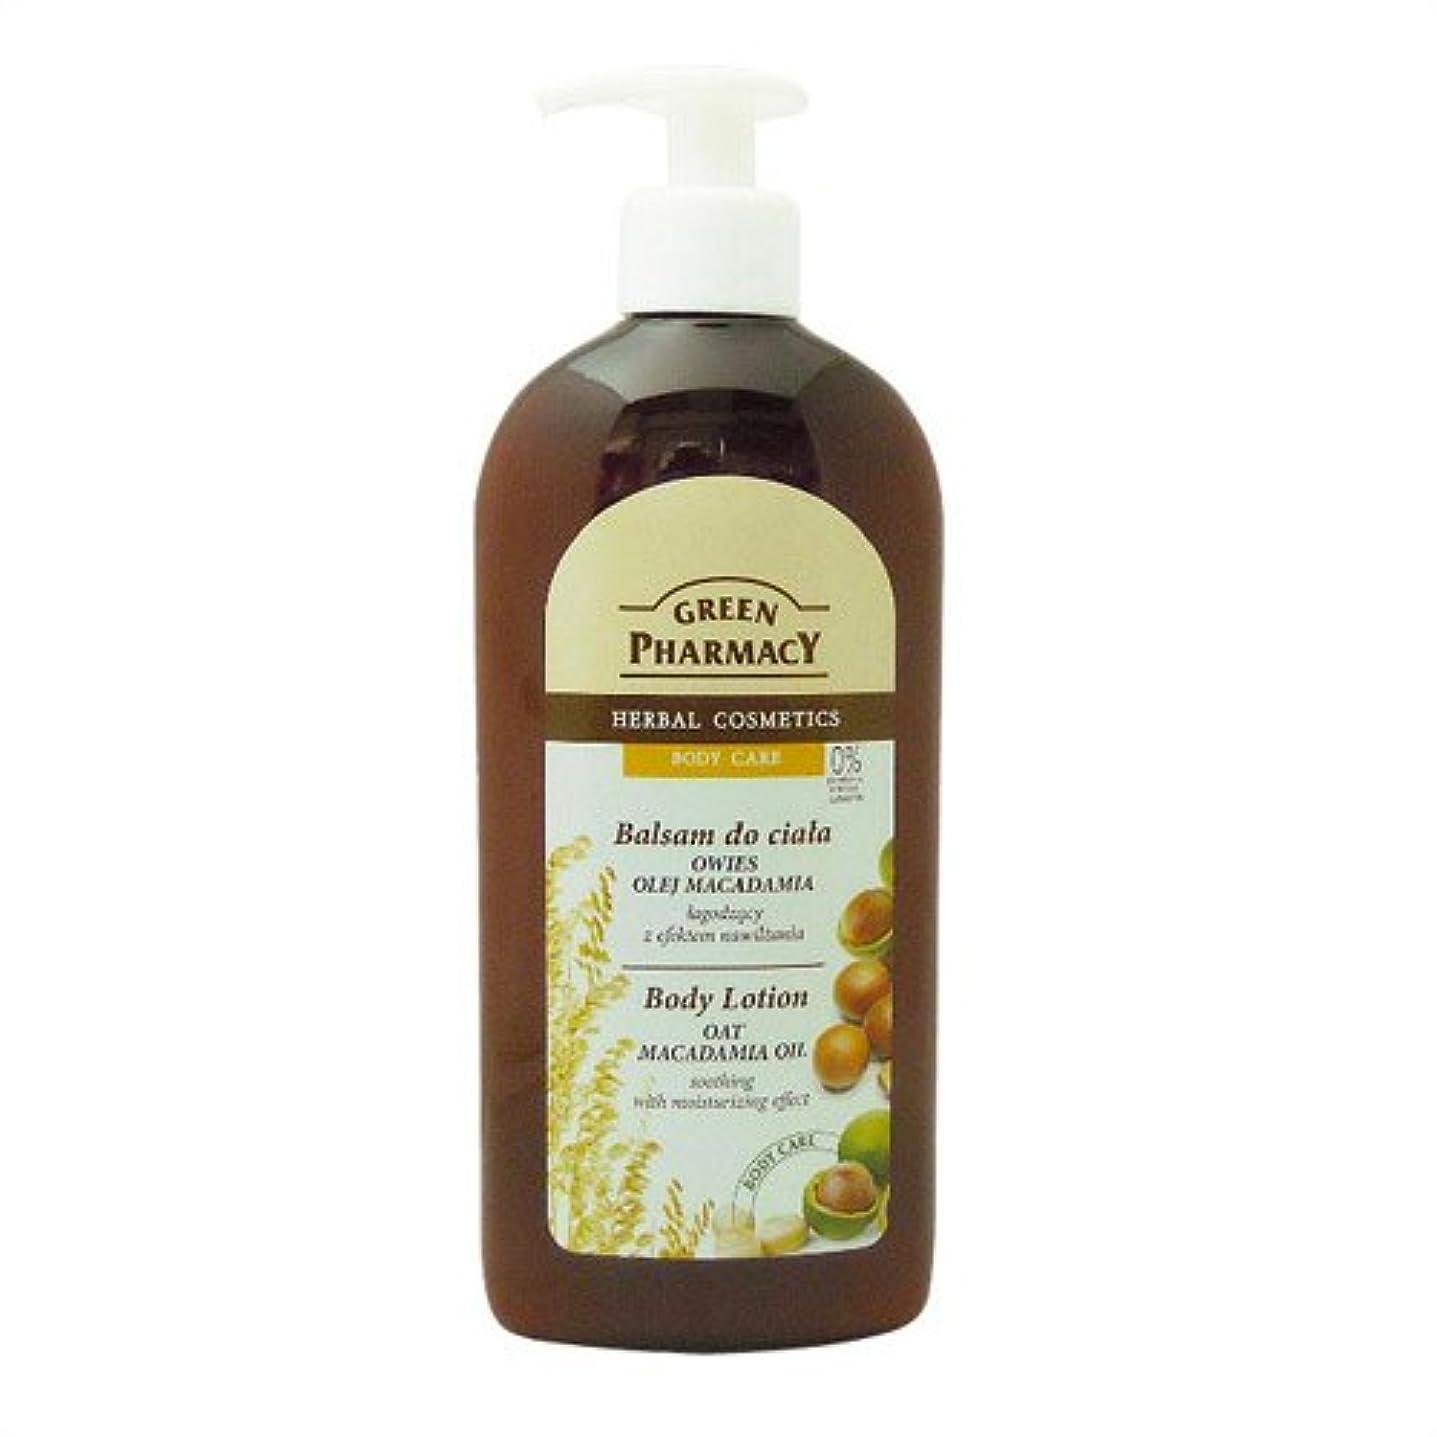 効果革命的ミケランジェロElfa Pharm Green Pharmacy グリーンファーマシー Body Lotion ボディローション Oat Macadamia Oil